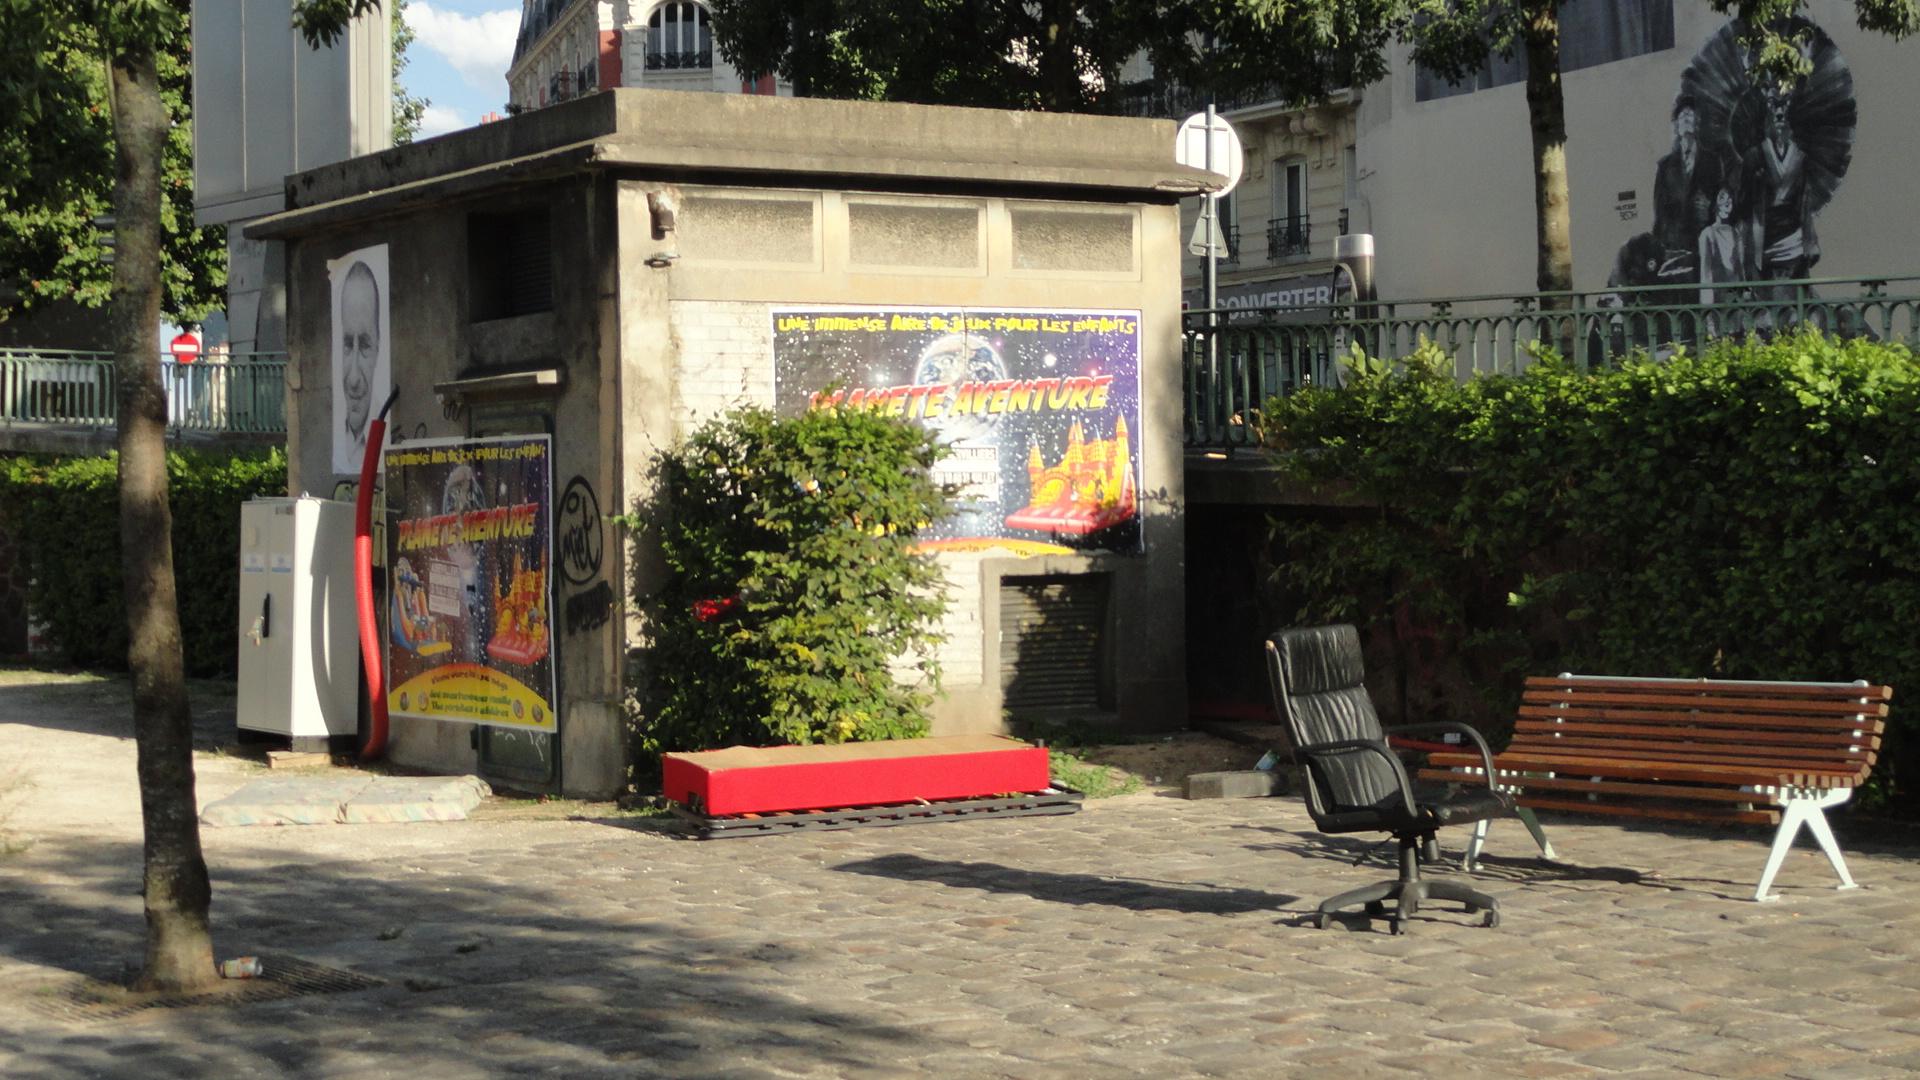 Pantin, le long du canal de l'Ourcq - Publicité et collage de JR sur un poste tranformateur